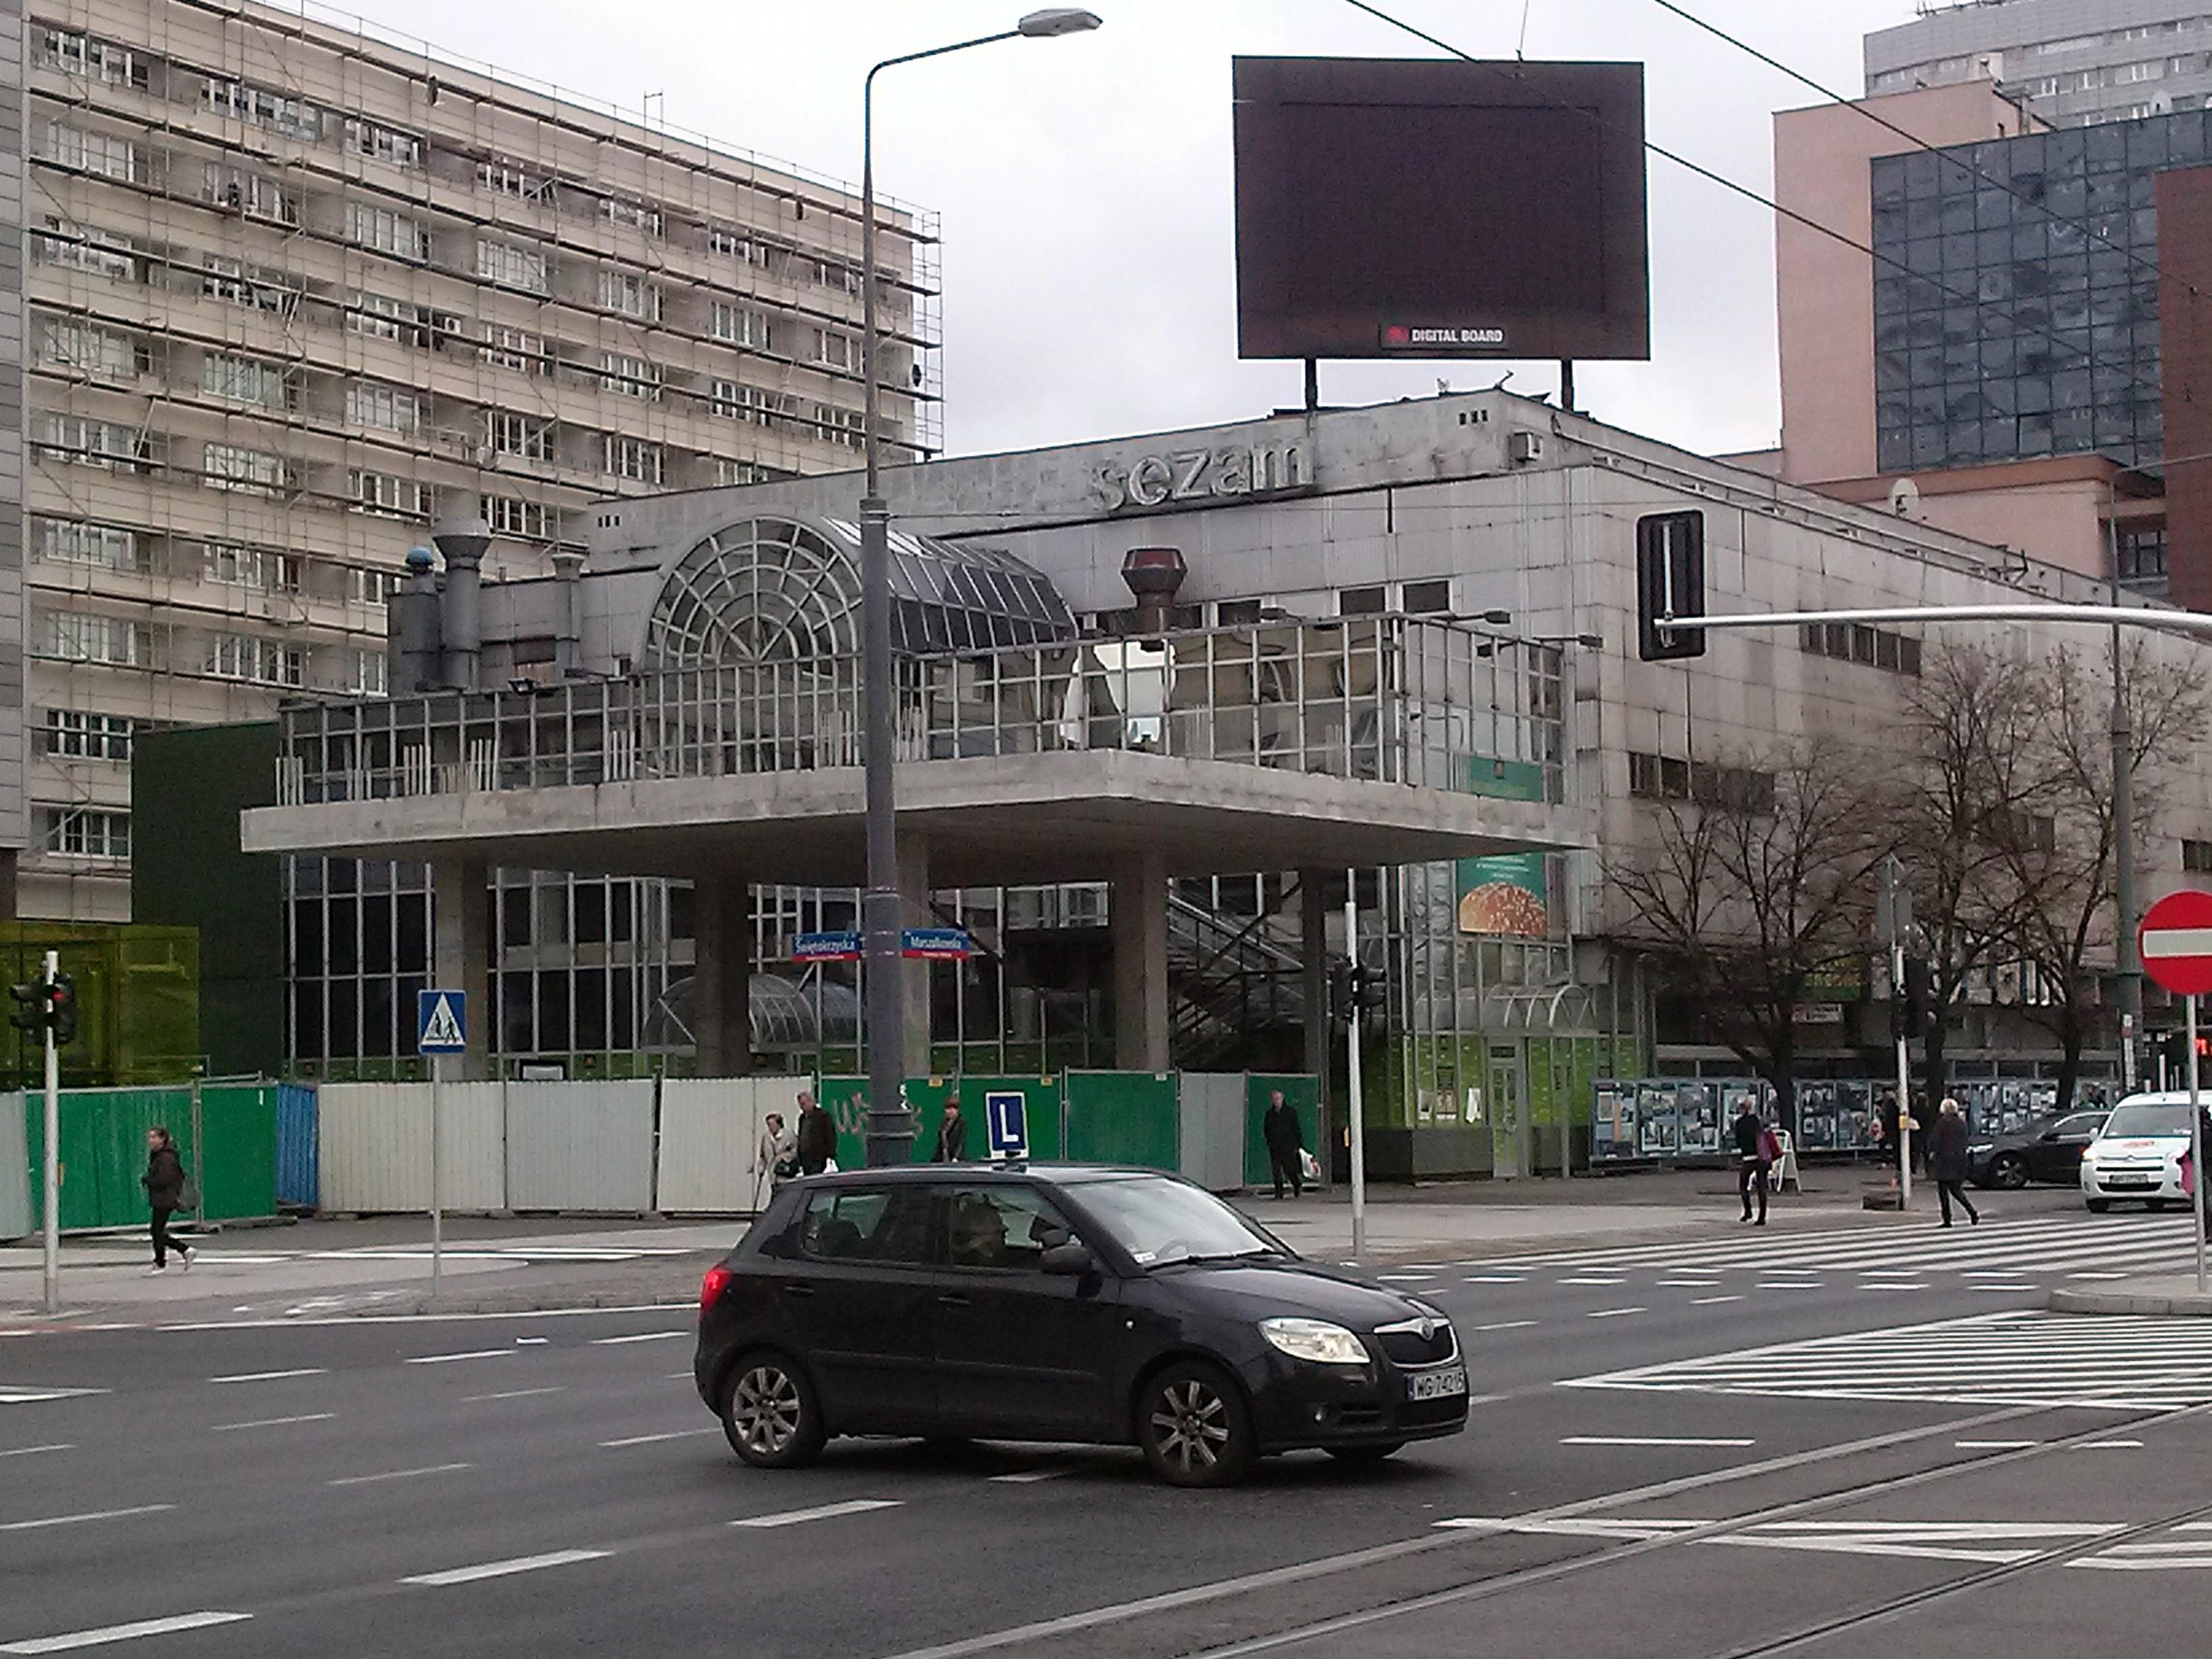 File:First McDonalds restaurant in Poland, Warsaw, Świętokrzyska ...